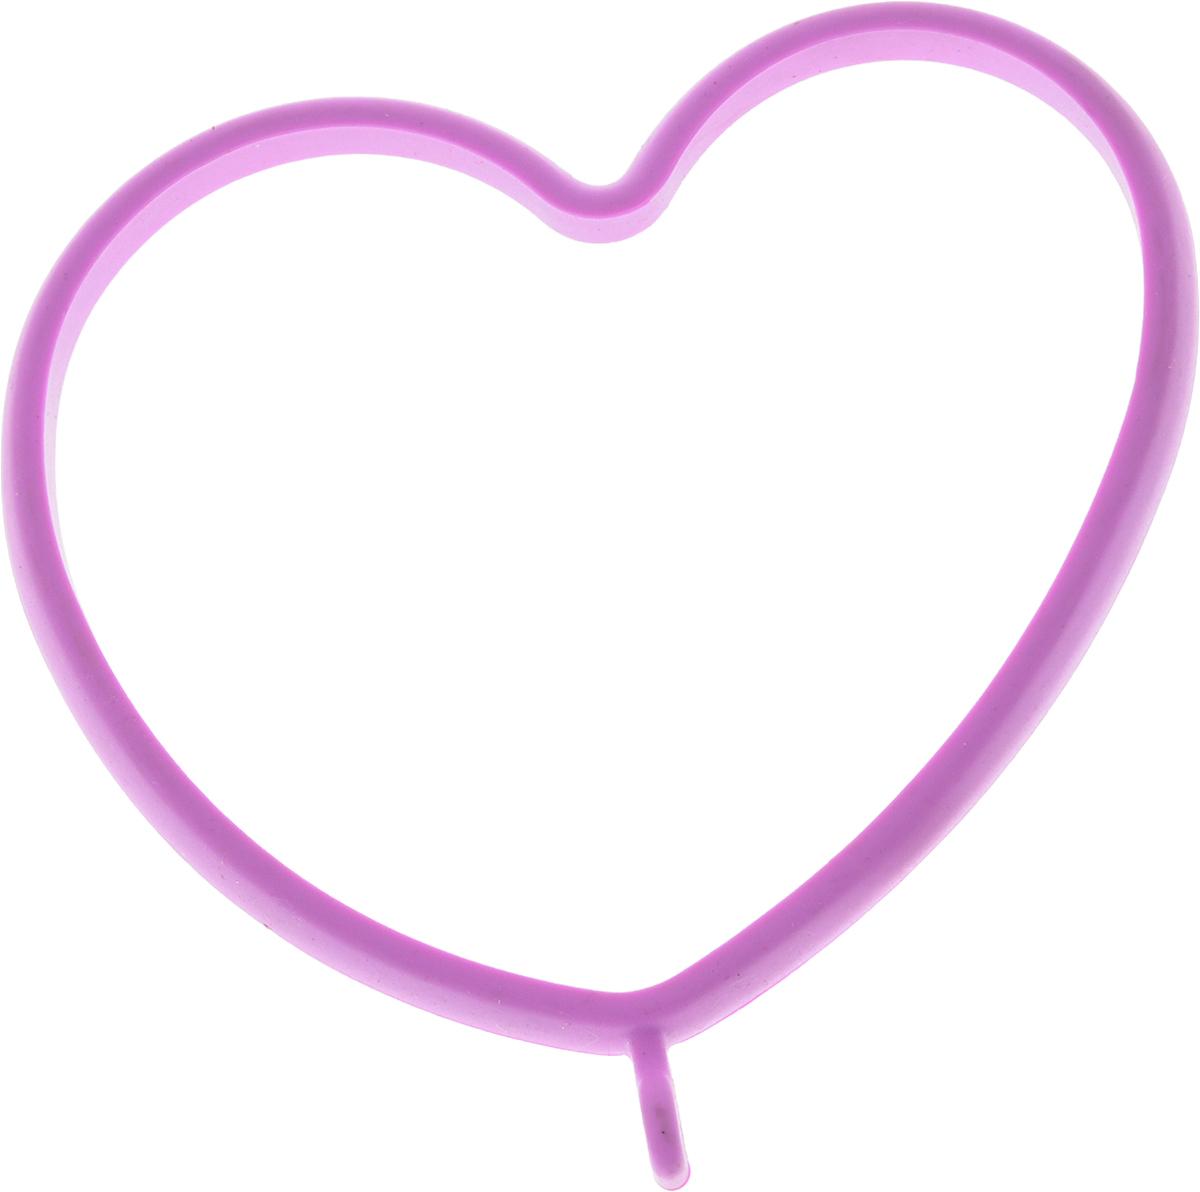 Форма для яичницы Oursson Сердце, цвет: сиреневый, 13,5 х 11,4 х 1 см115510Форма для яичницы Oursson Сердце, выполненная из жаростойкого силикона, подходит для приготовления яичницы, омлета, оладий! Она добавит оригинальности обычным блюдам и особенно понравится детям! Форма не повреждает антипригарное покрытие сковород. Для получения идеального результата рекомендуется использовать ее на ровной поверхности сковороды. Размер формы: 13,5 х 11,4 х 1 см